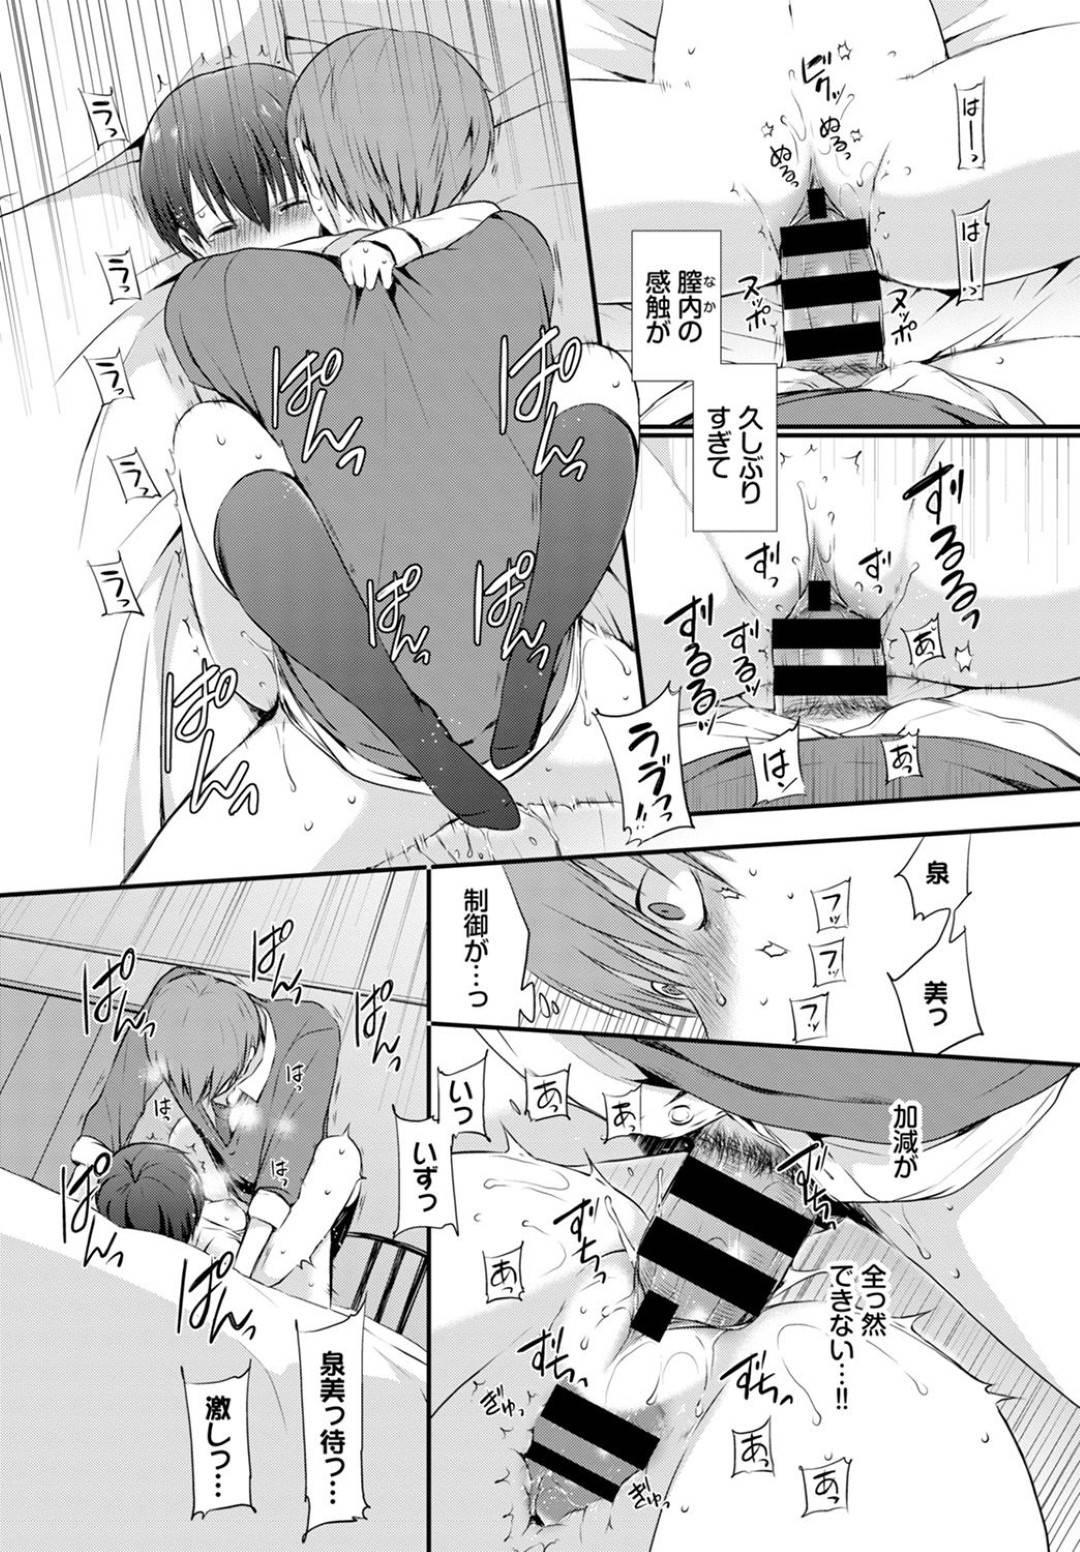 【エロ漫画】ショートカットで目立たないクールなJK…家では女子にモテモテの男子と激しいイチャラブ生ハメセックスで連続イキする!【名仁川るい:仔犬達のジレンマ】